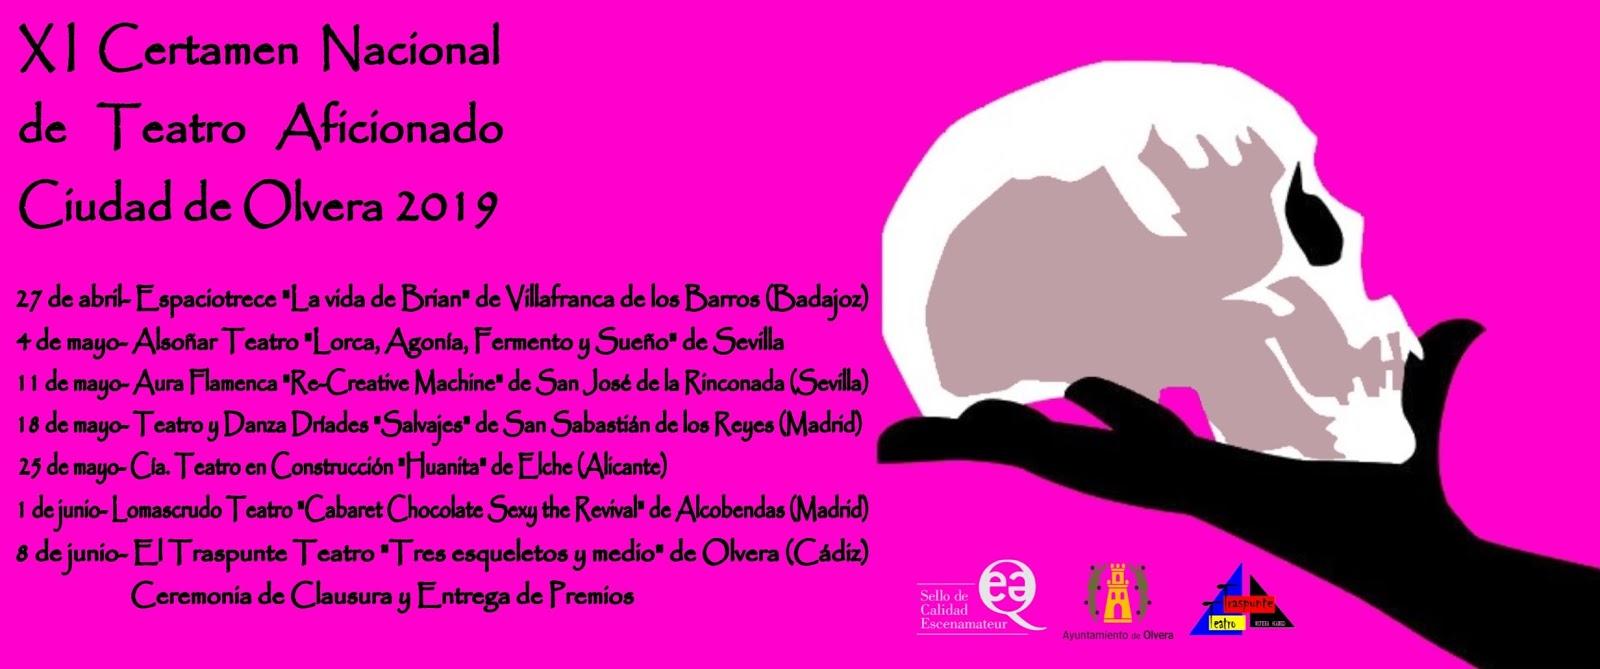 XI Certamen Nacional de Teatro Aficionado Ciudad de Olvera 2019